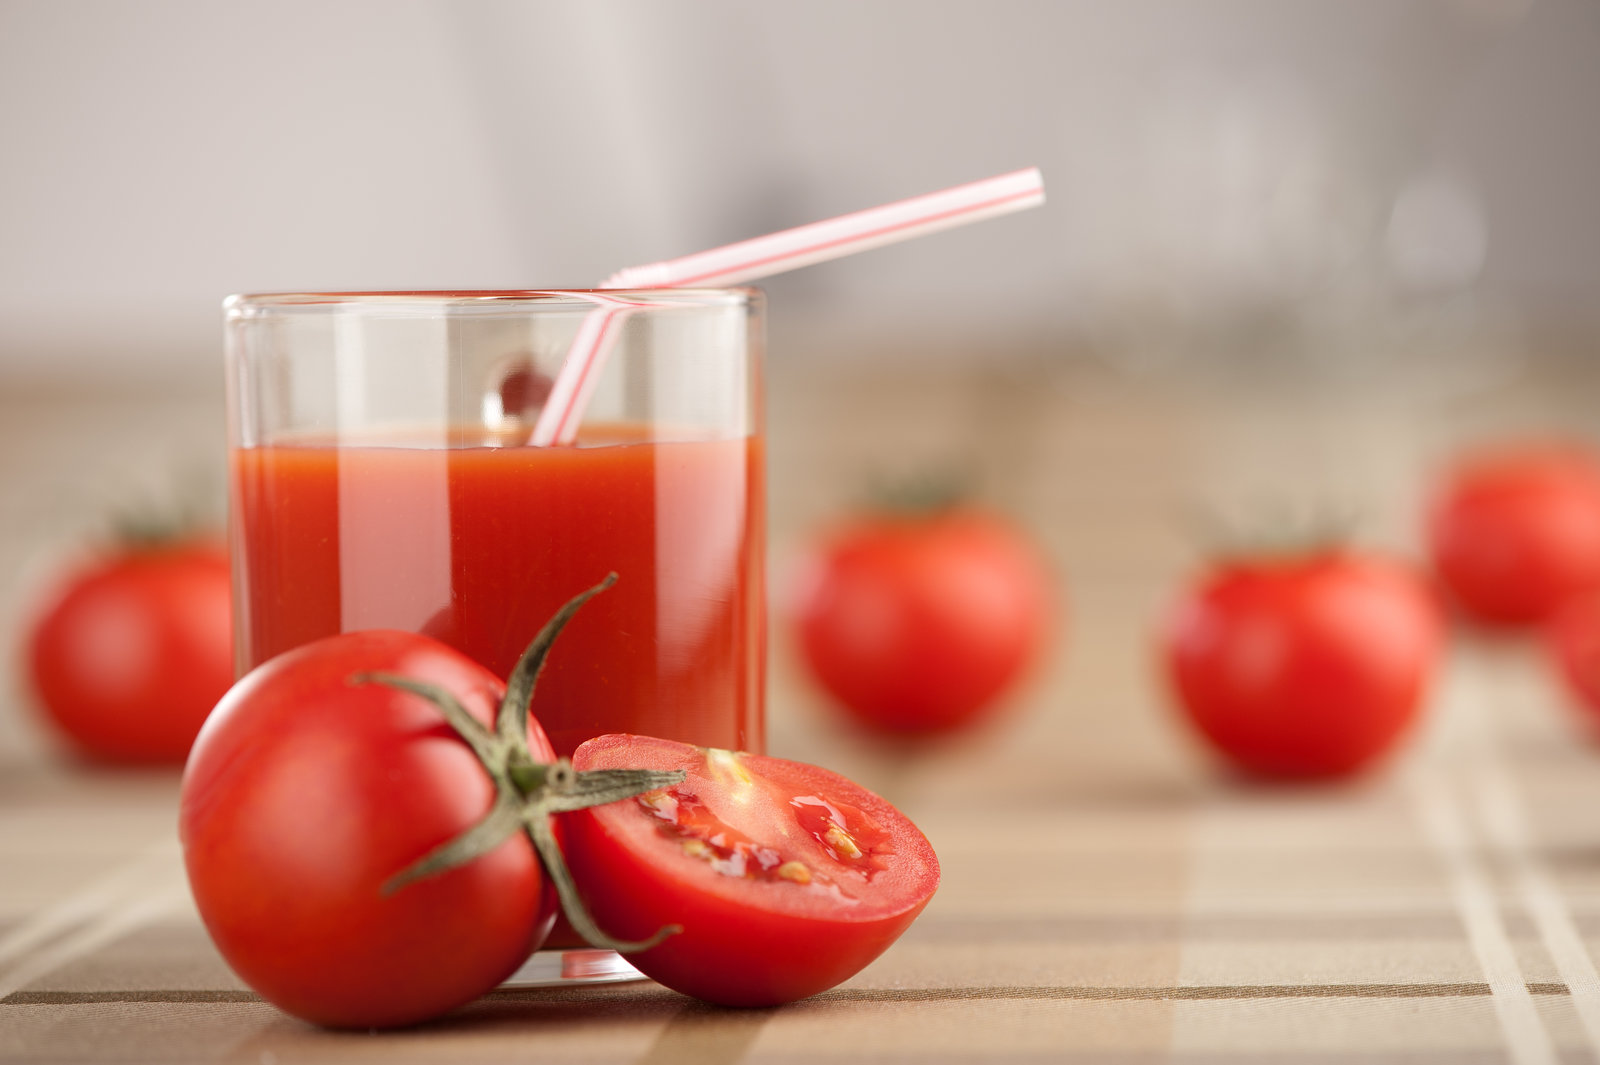 Vaso de zumo de tomate, con tomates alrededor